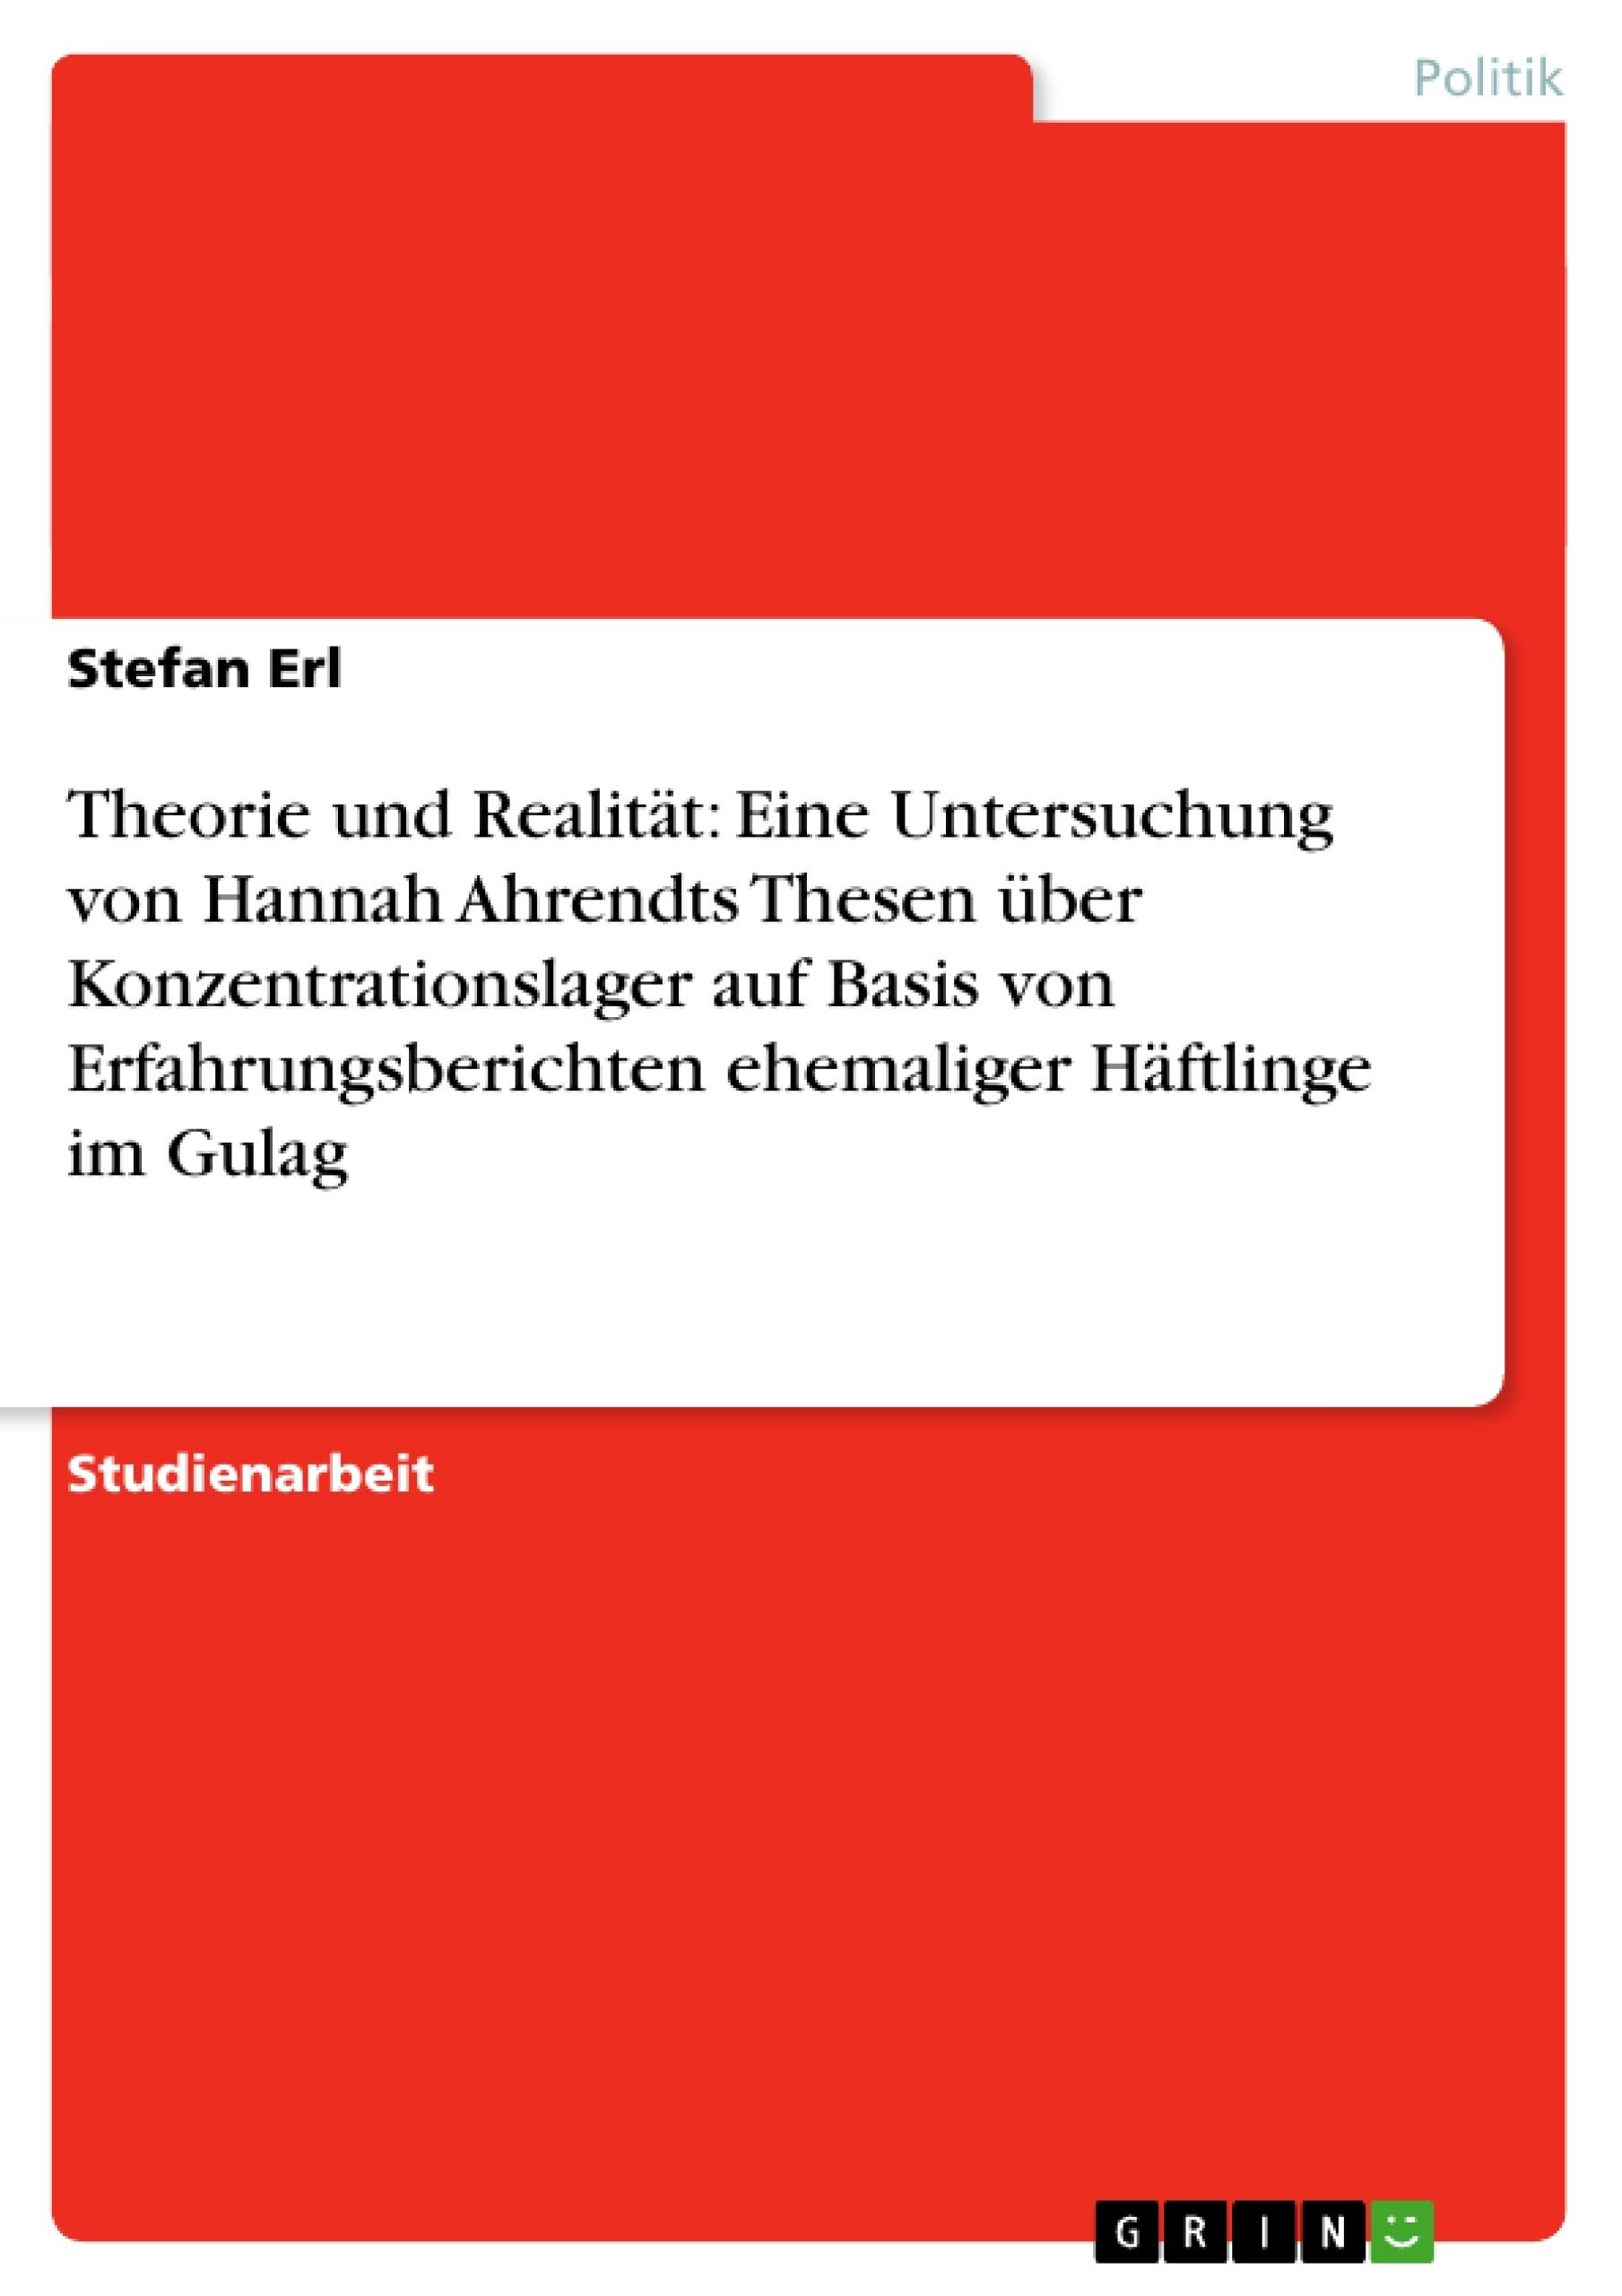 Titel: Theorie und Realität: Eine Untersuchung von Hannah Ahrendts Thesen über Konzentrationslager auf Basis von Erfahrungsberichten ehemaliger Häftlinge im Gulag